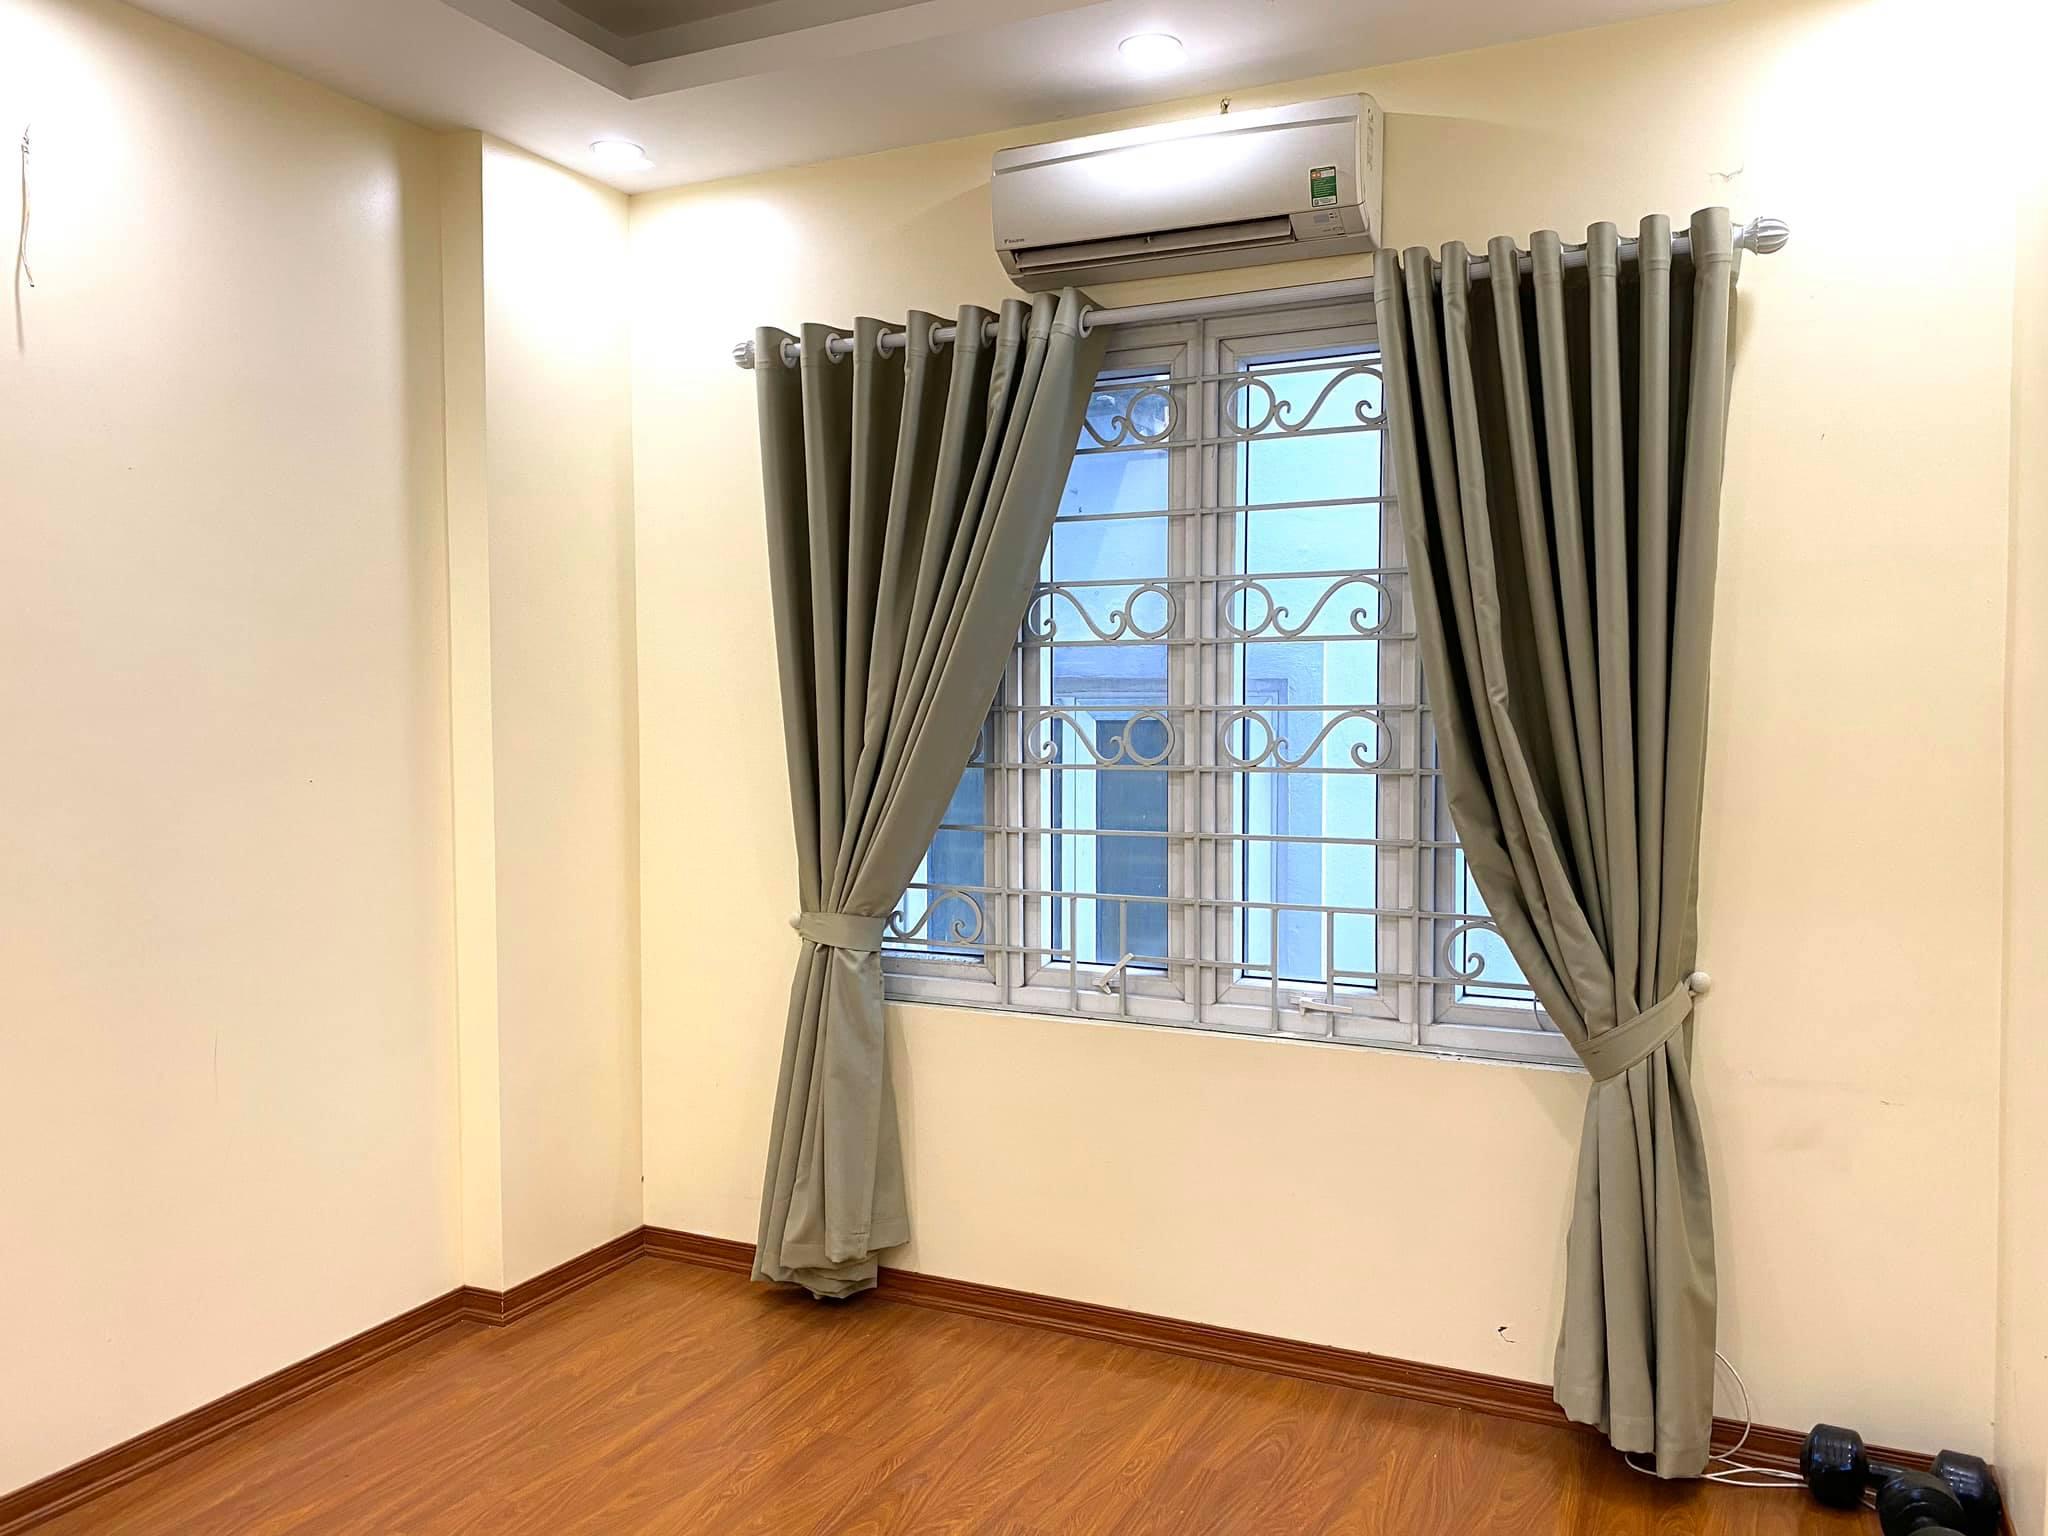 Rất cần bán nhà Phố Dương Văn Bé Hai Bà Trưng 3 tỷ 1, DT 32m, 5 tầng ,MT 4.1m, lh 0968181902.